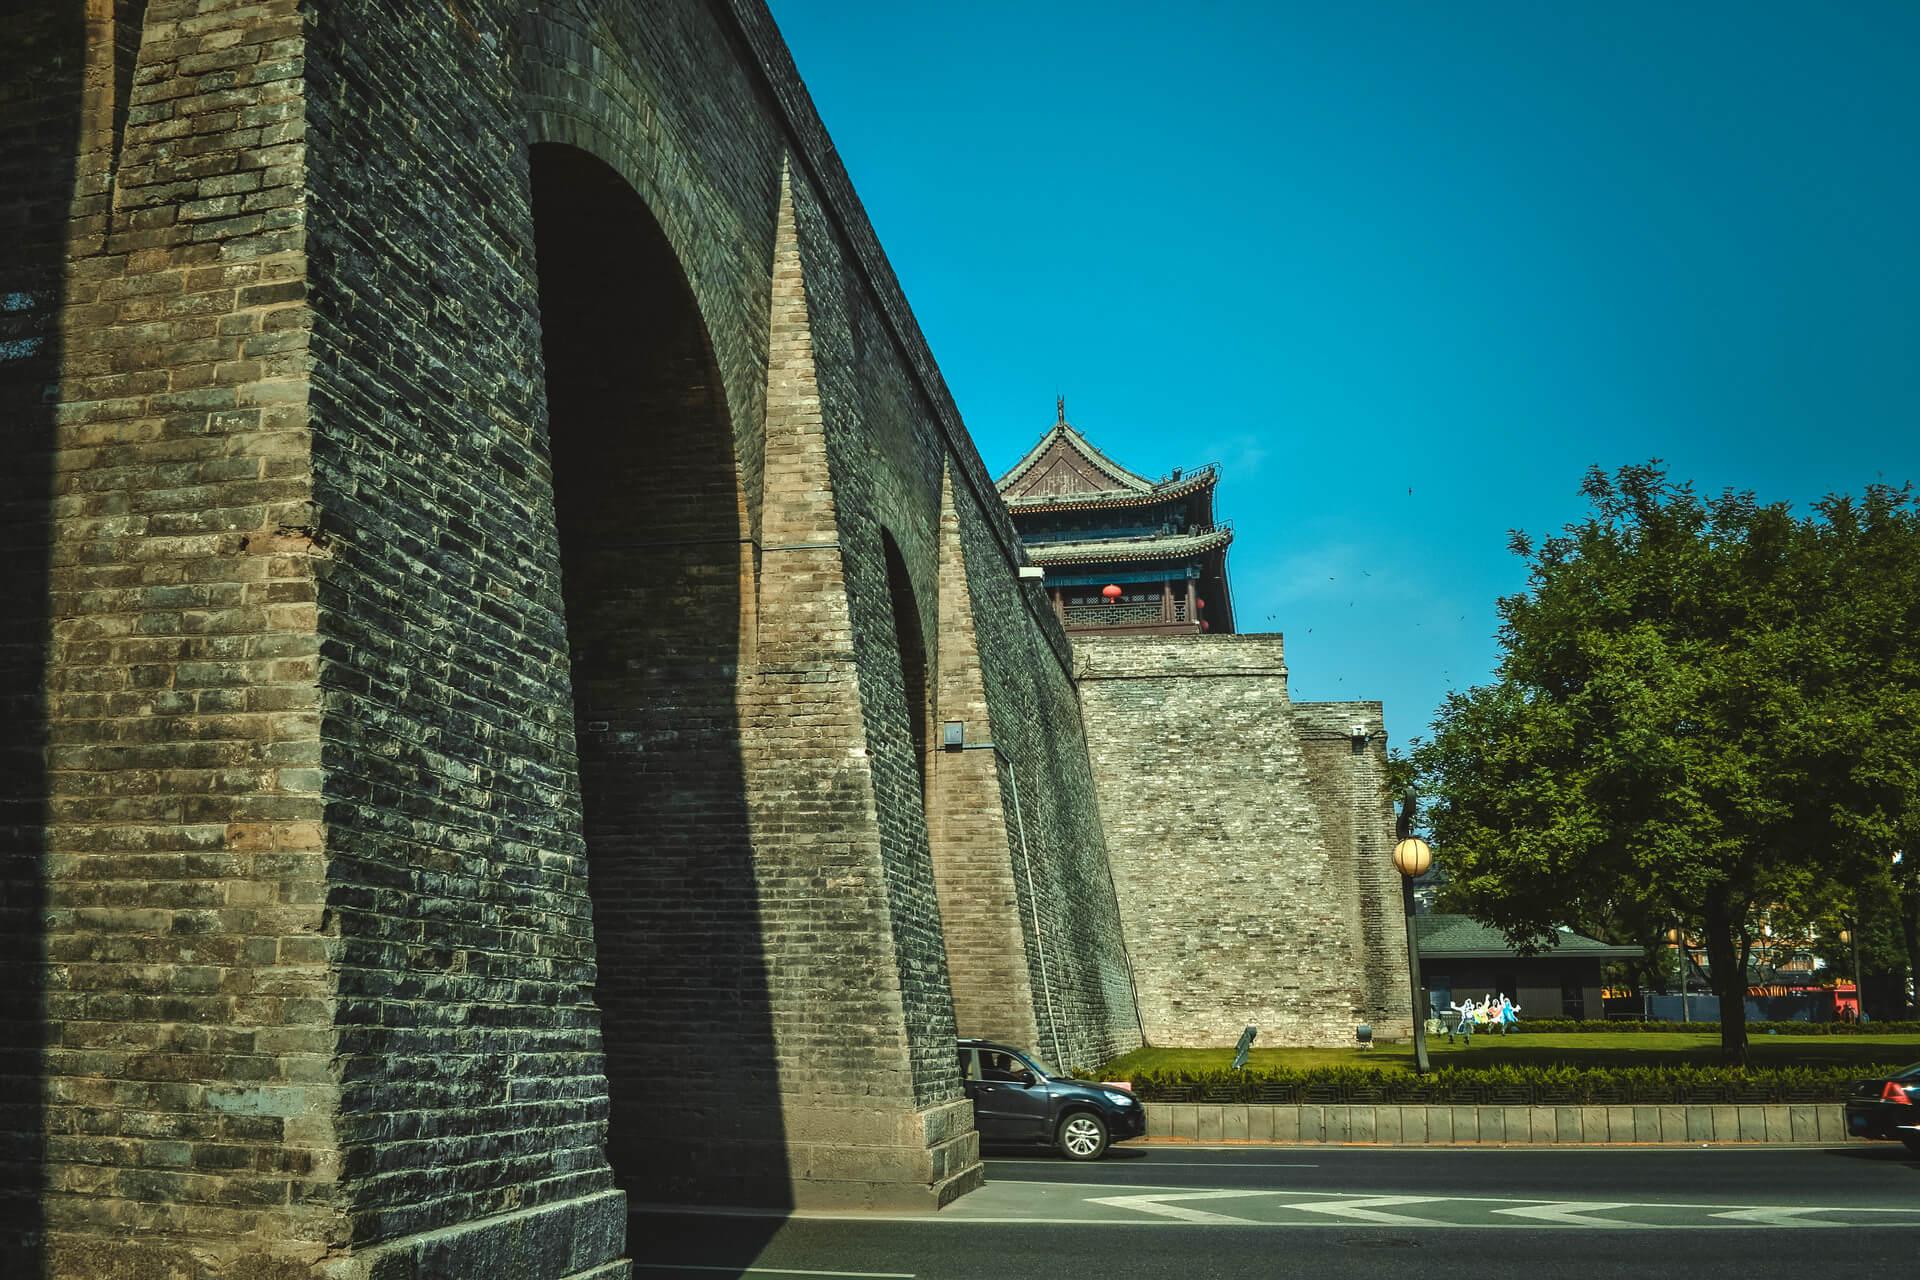 西安の城壁を横から見た様子